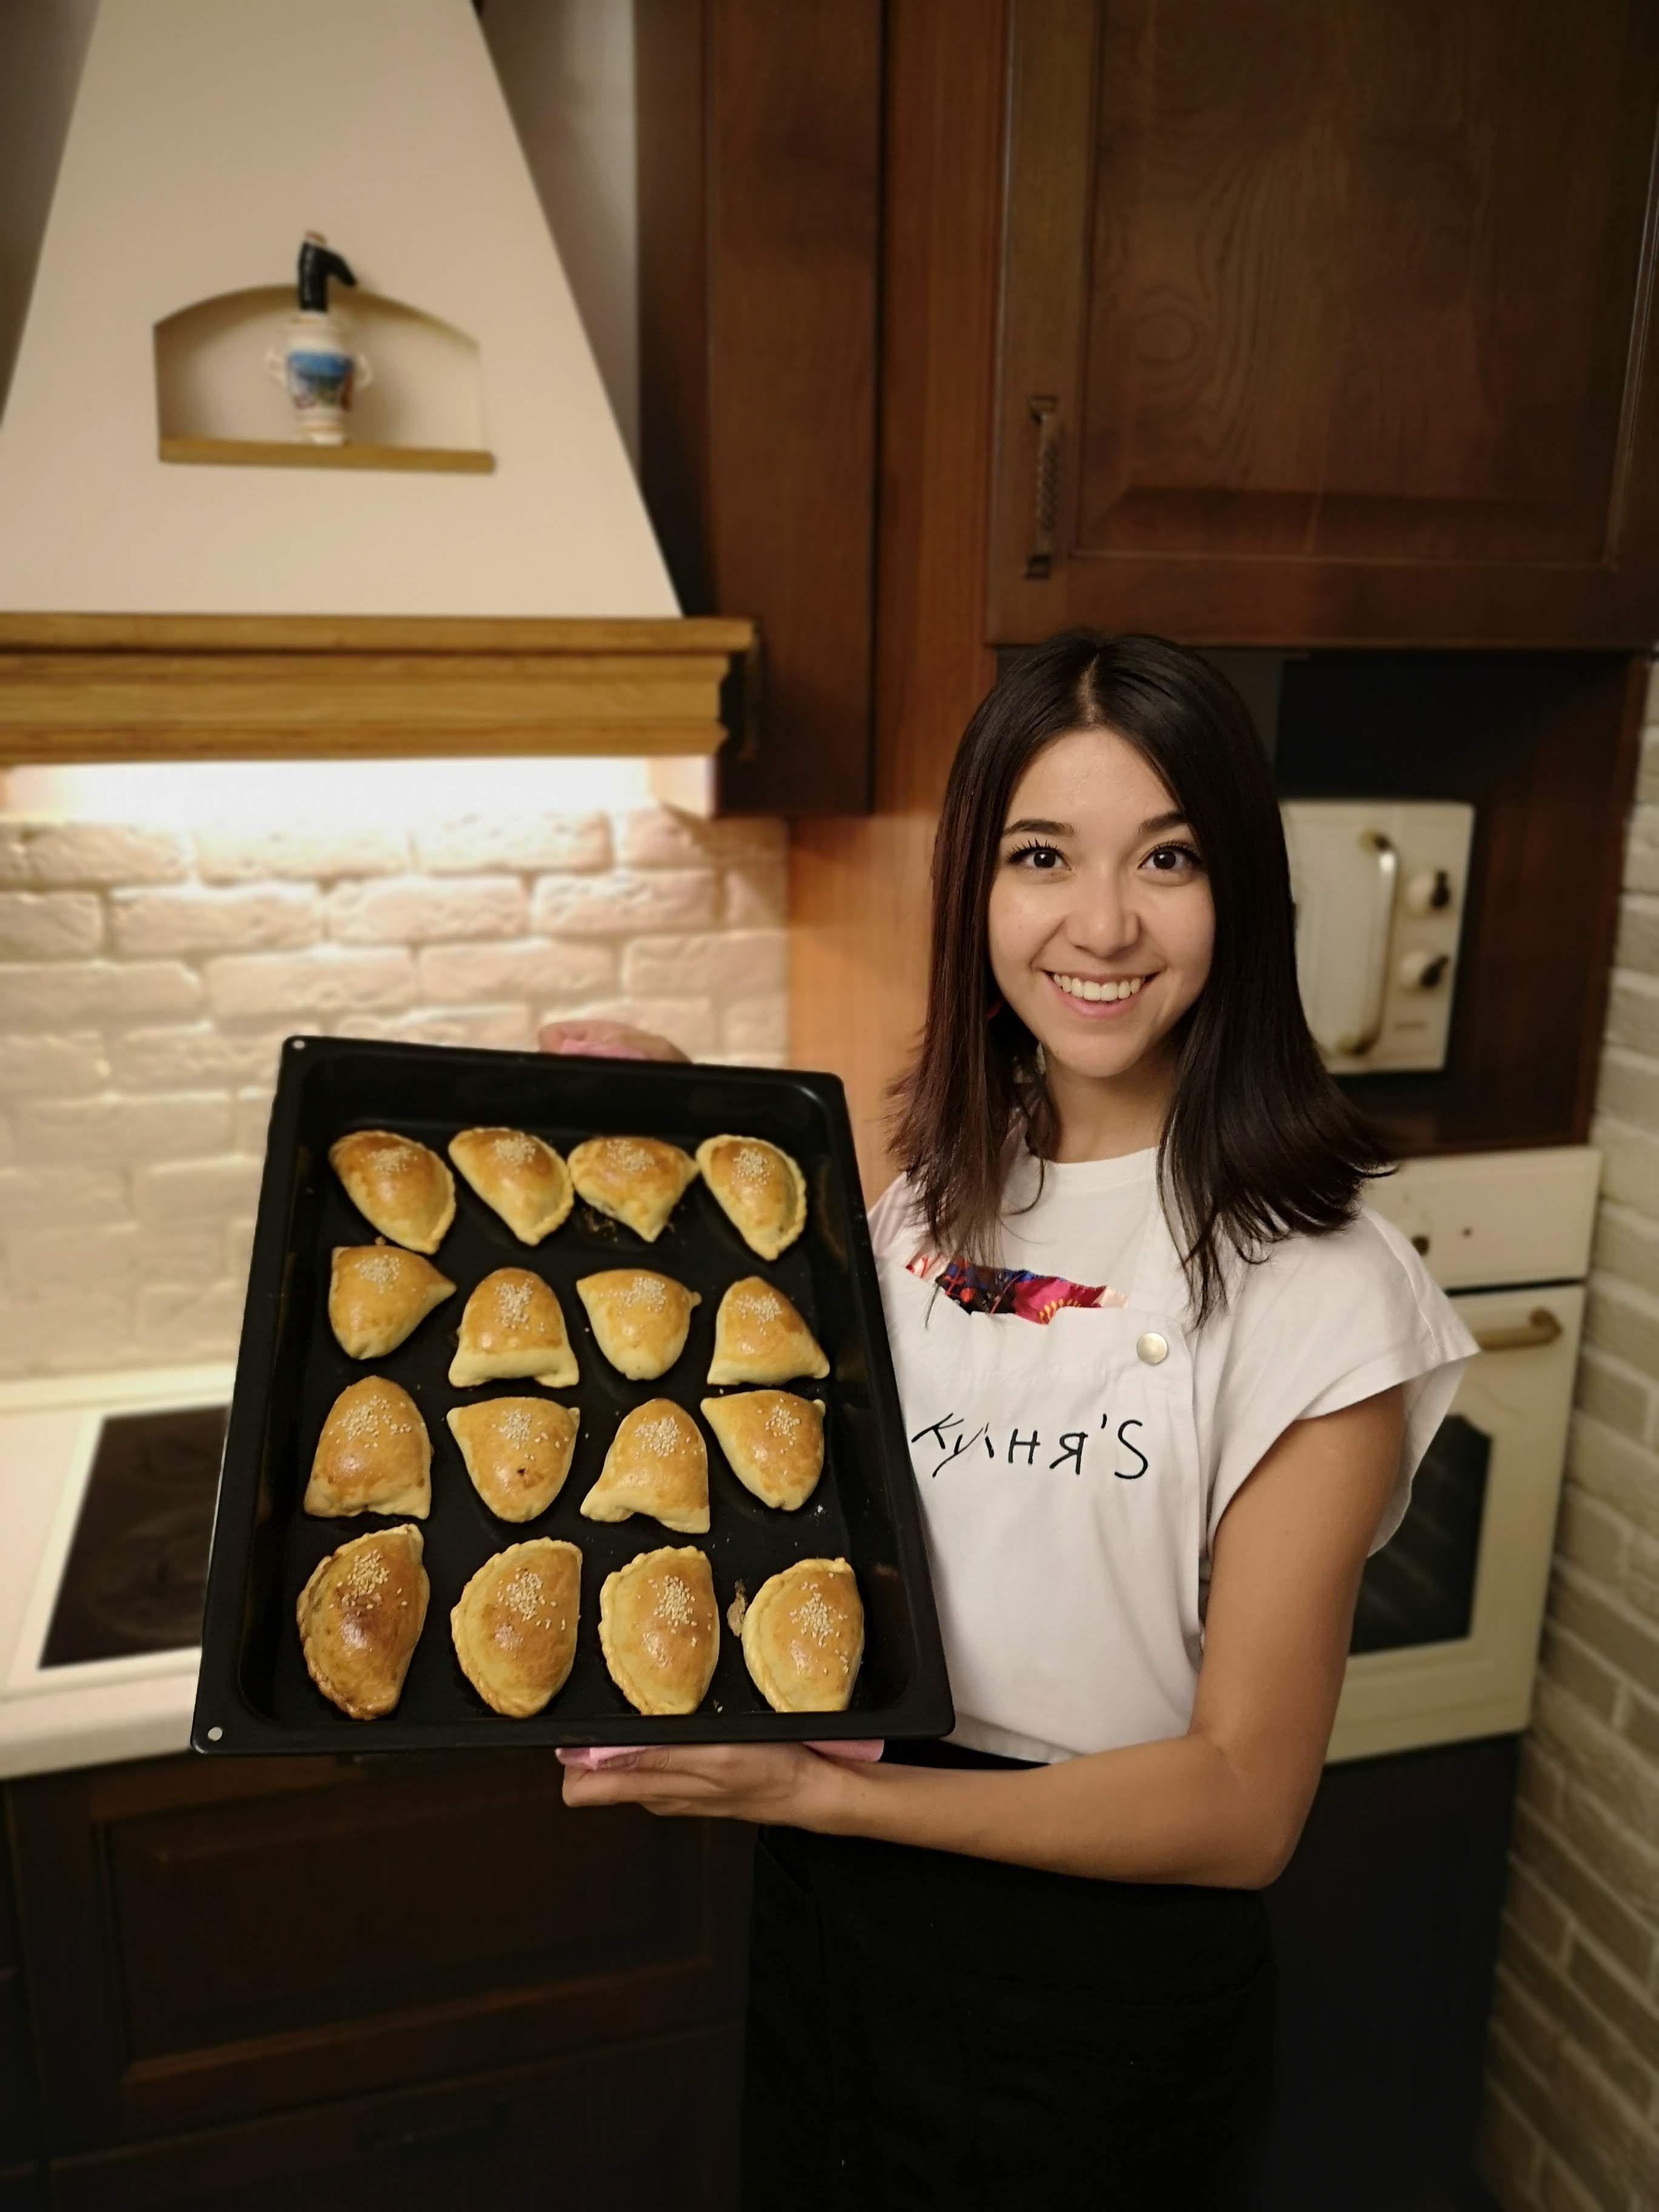 Казахстанский кулинарный стартап оценили в $1 млн  285374 - Kapital.kz